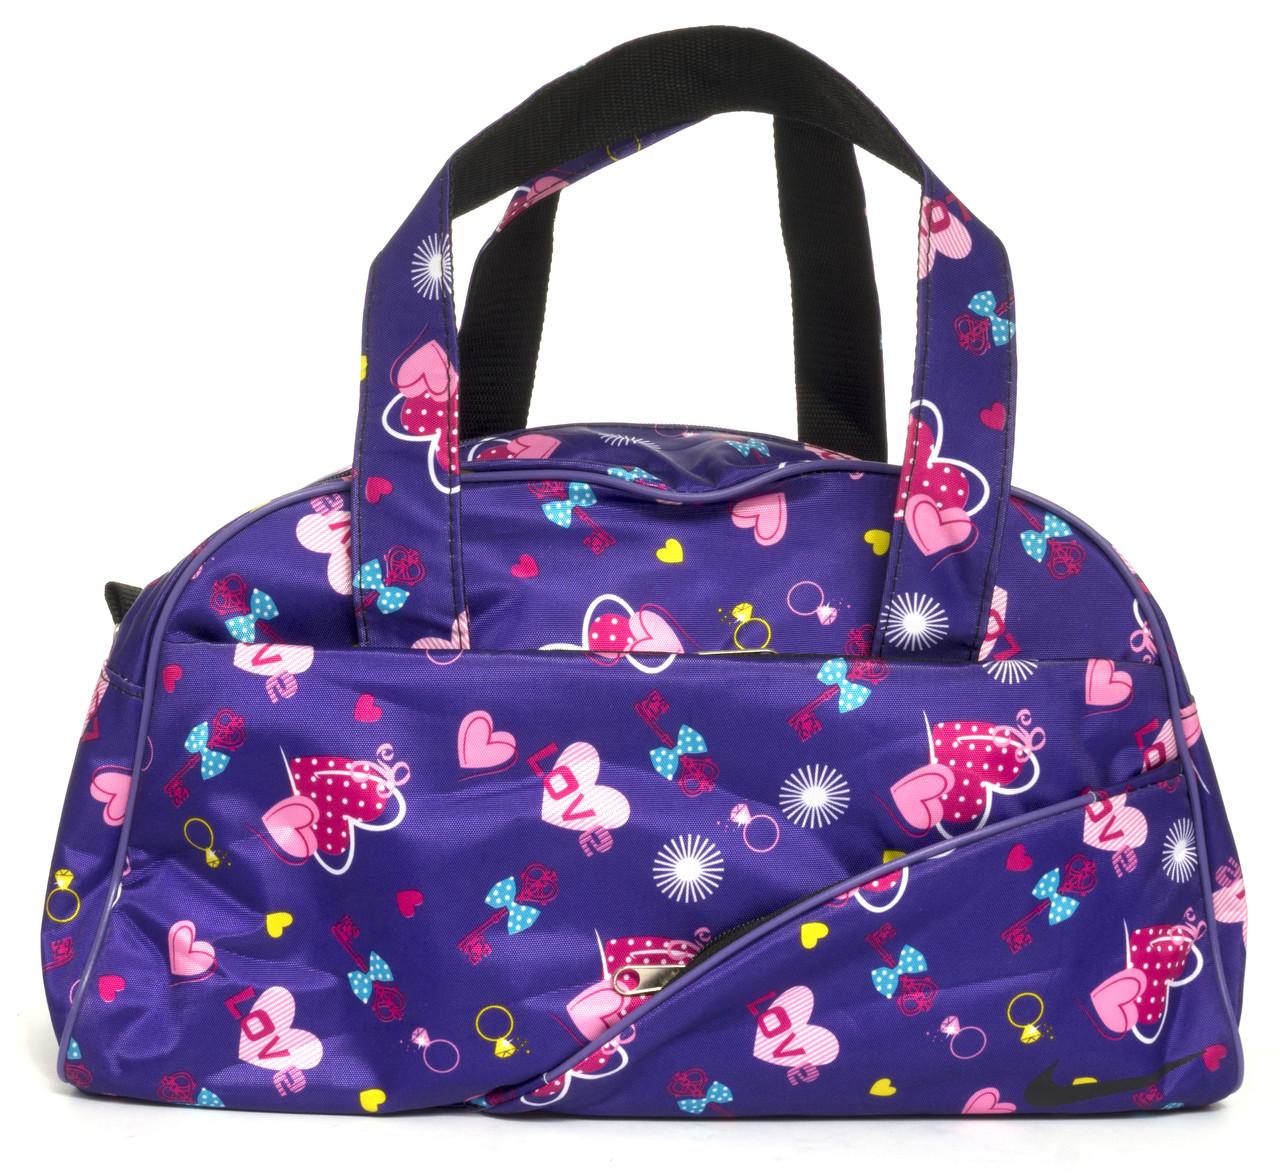 c4dd806d35ce Спортивная женская средняя тканевая сумка art, 128-2 Украина (103470)  фиолетовая